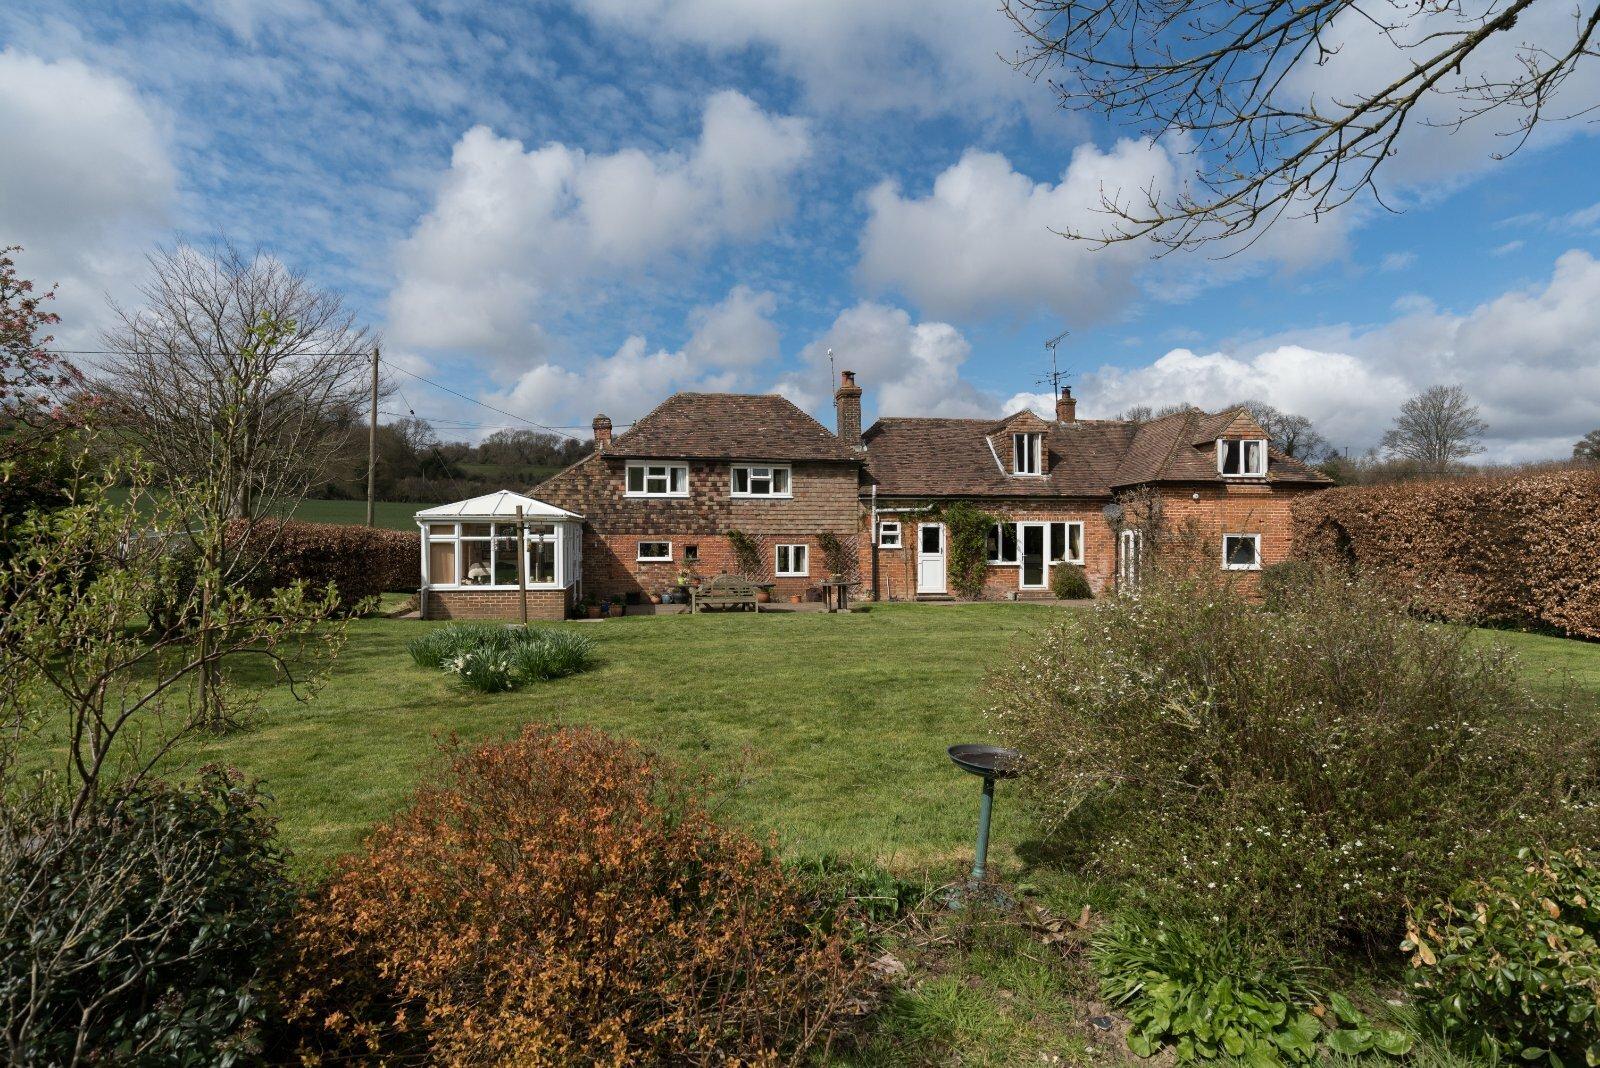 House in Waltham, England, United Kingdom 1